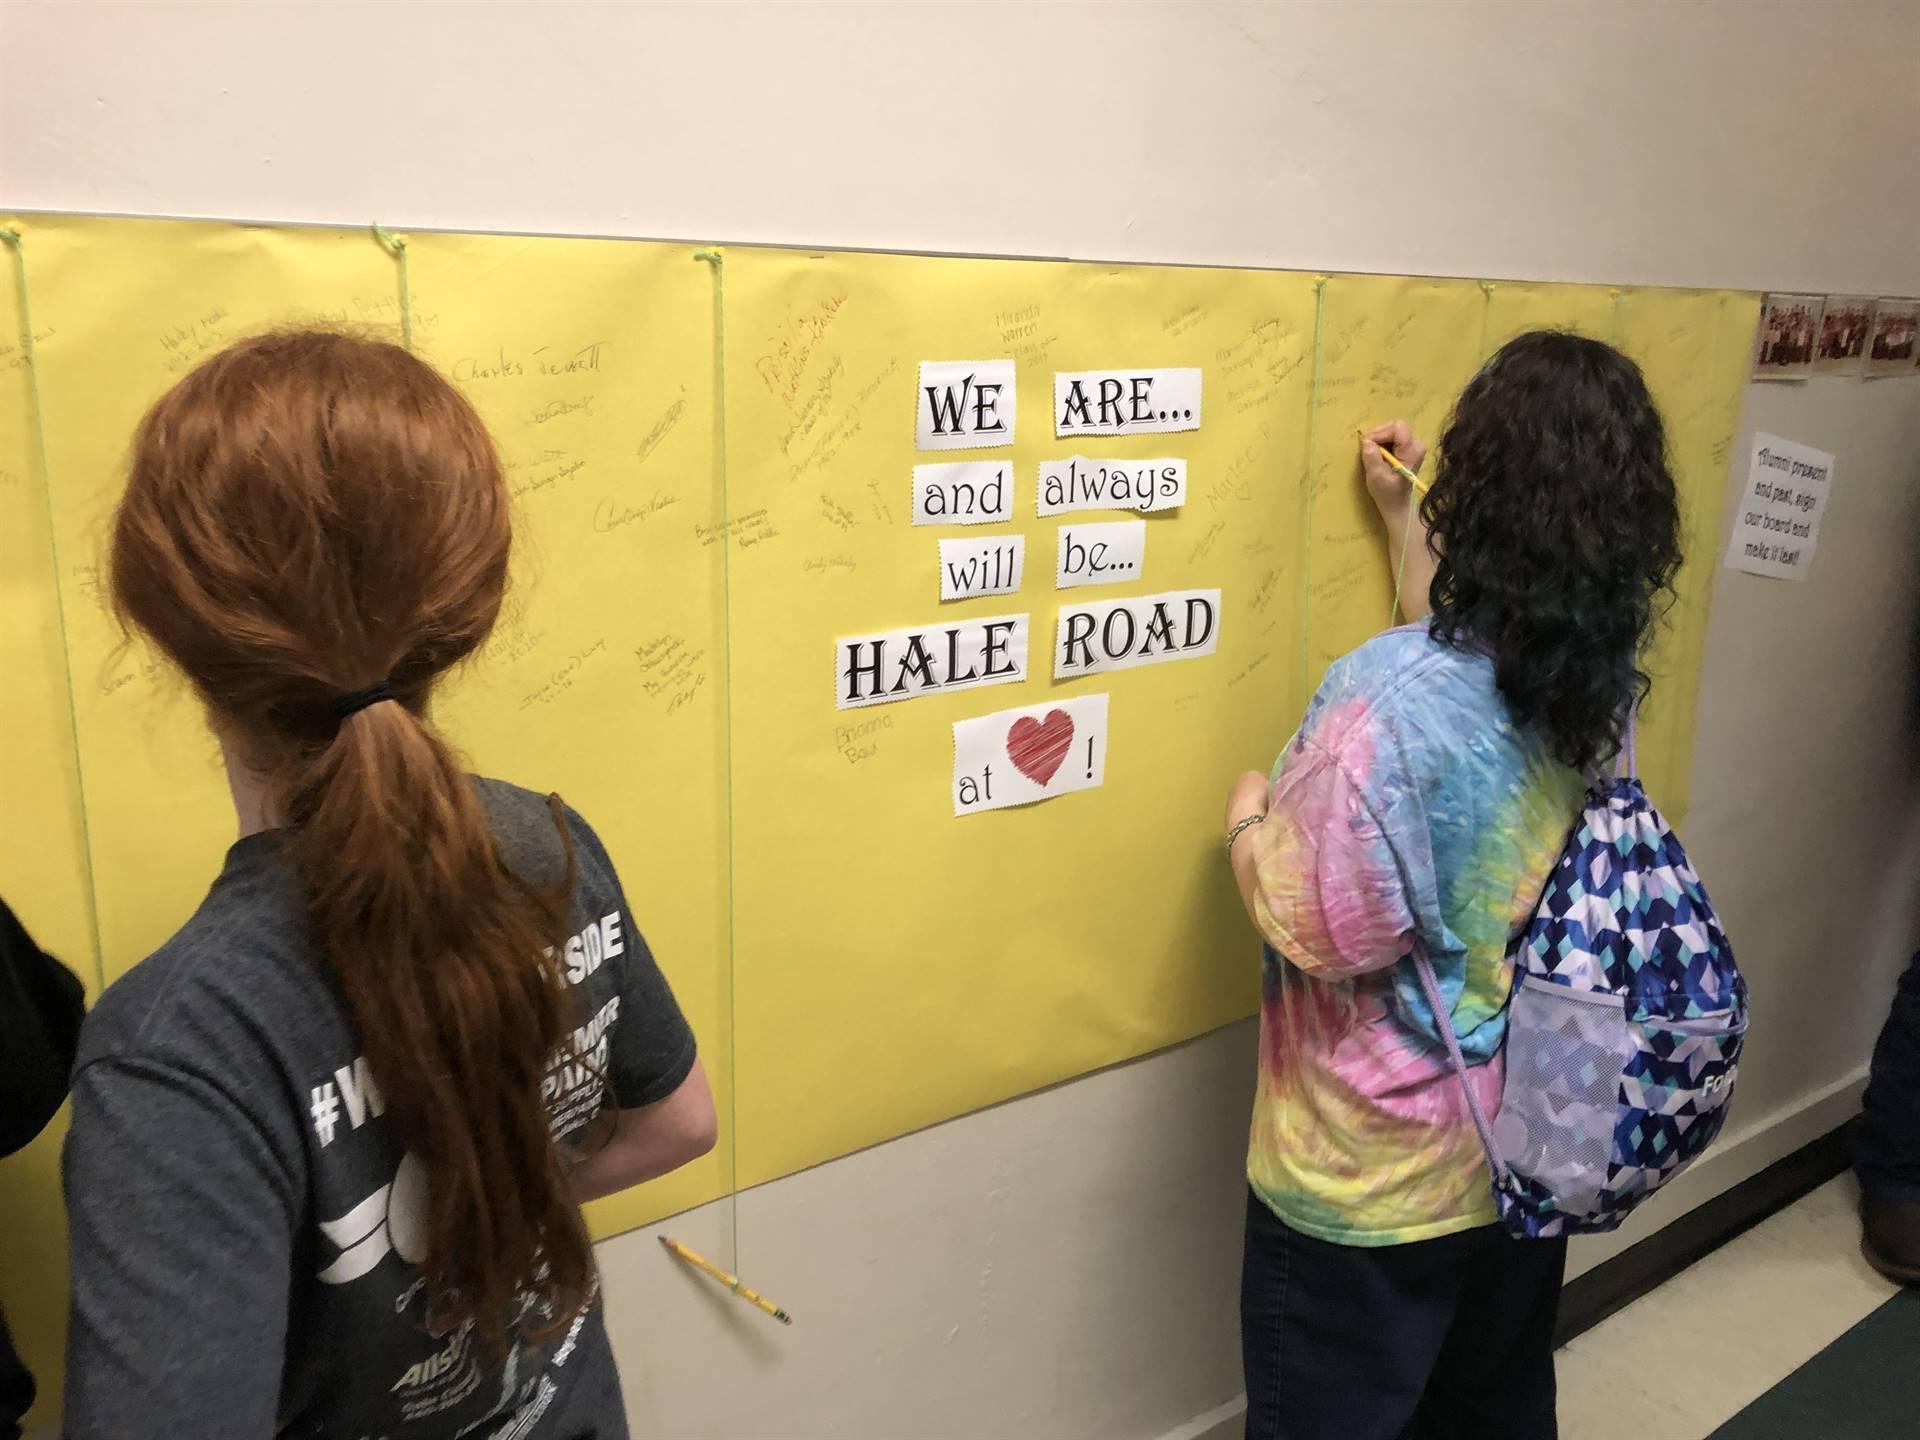 Hale Road